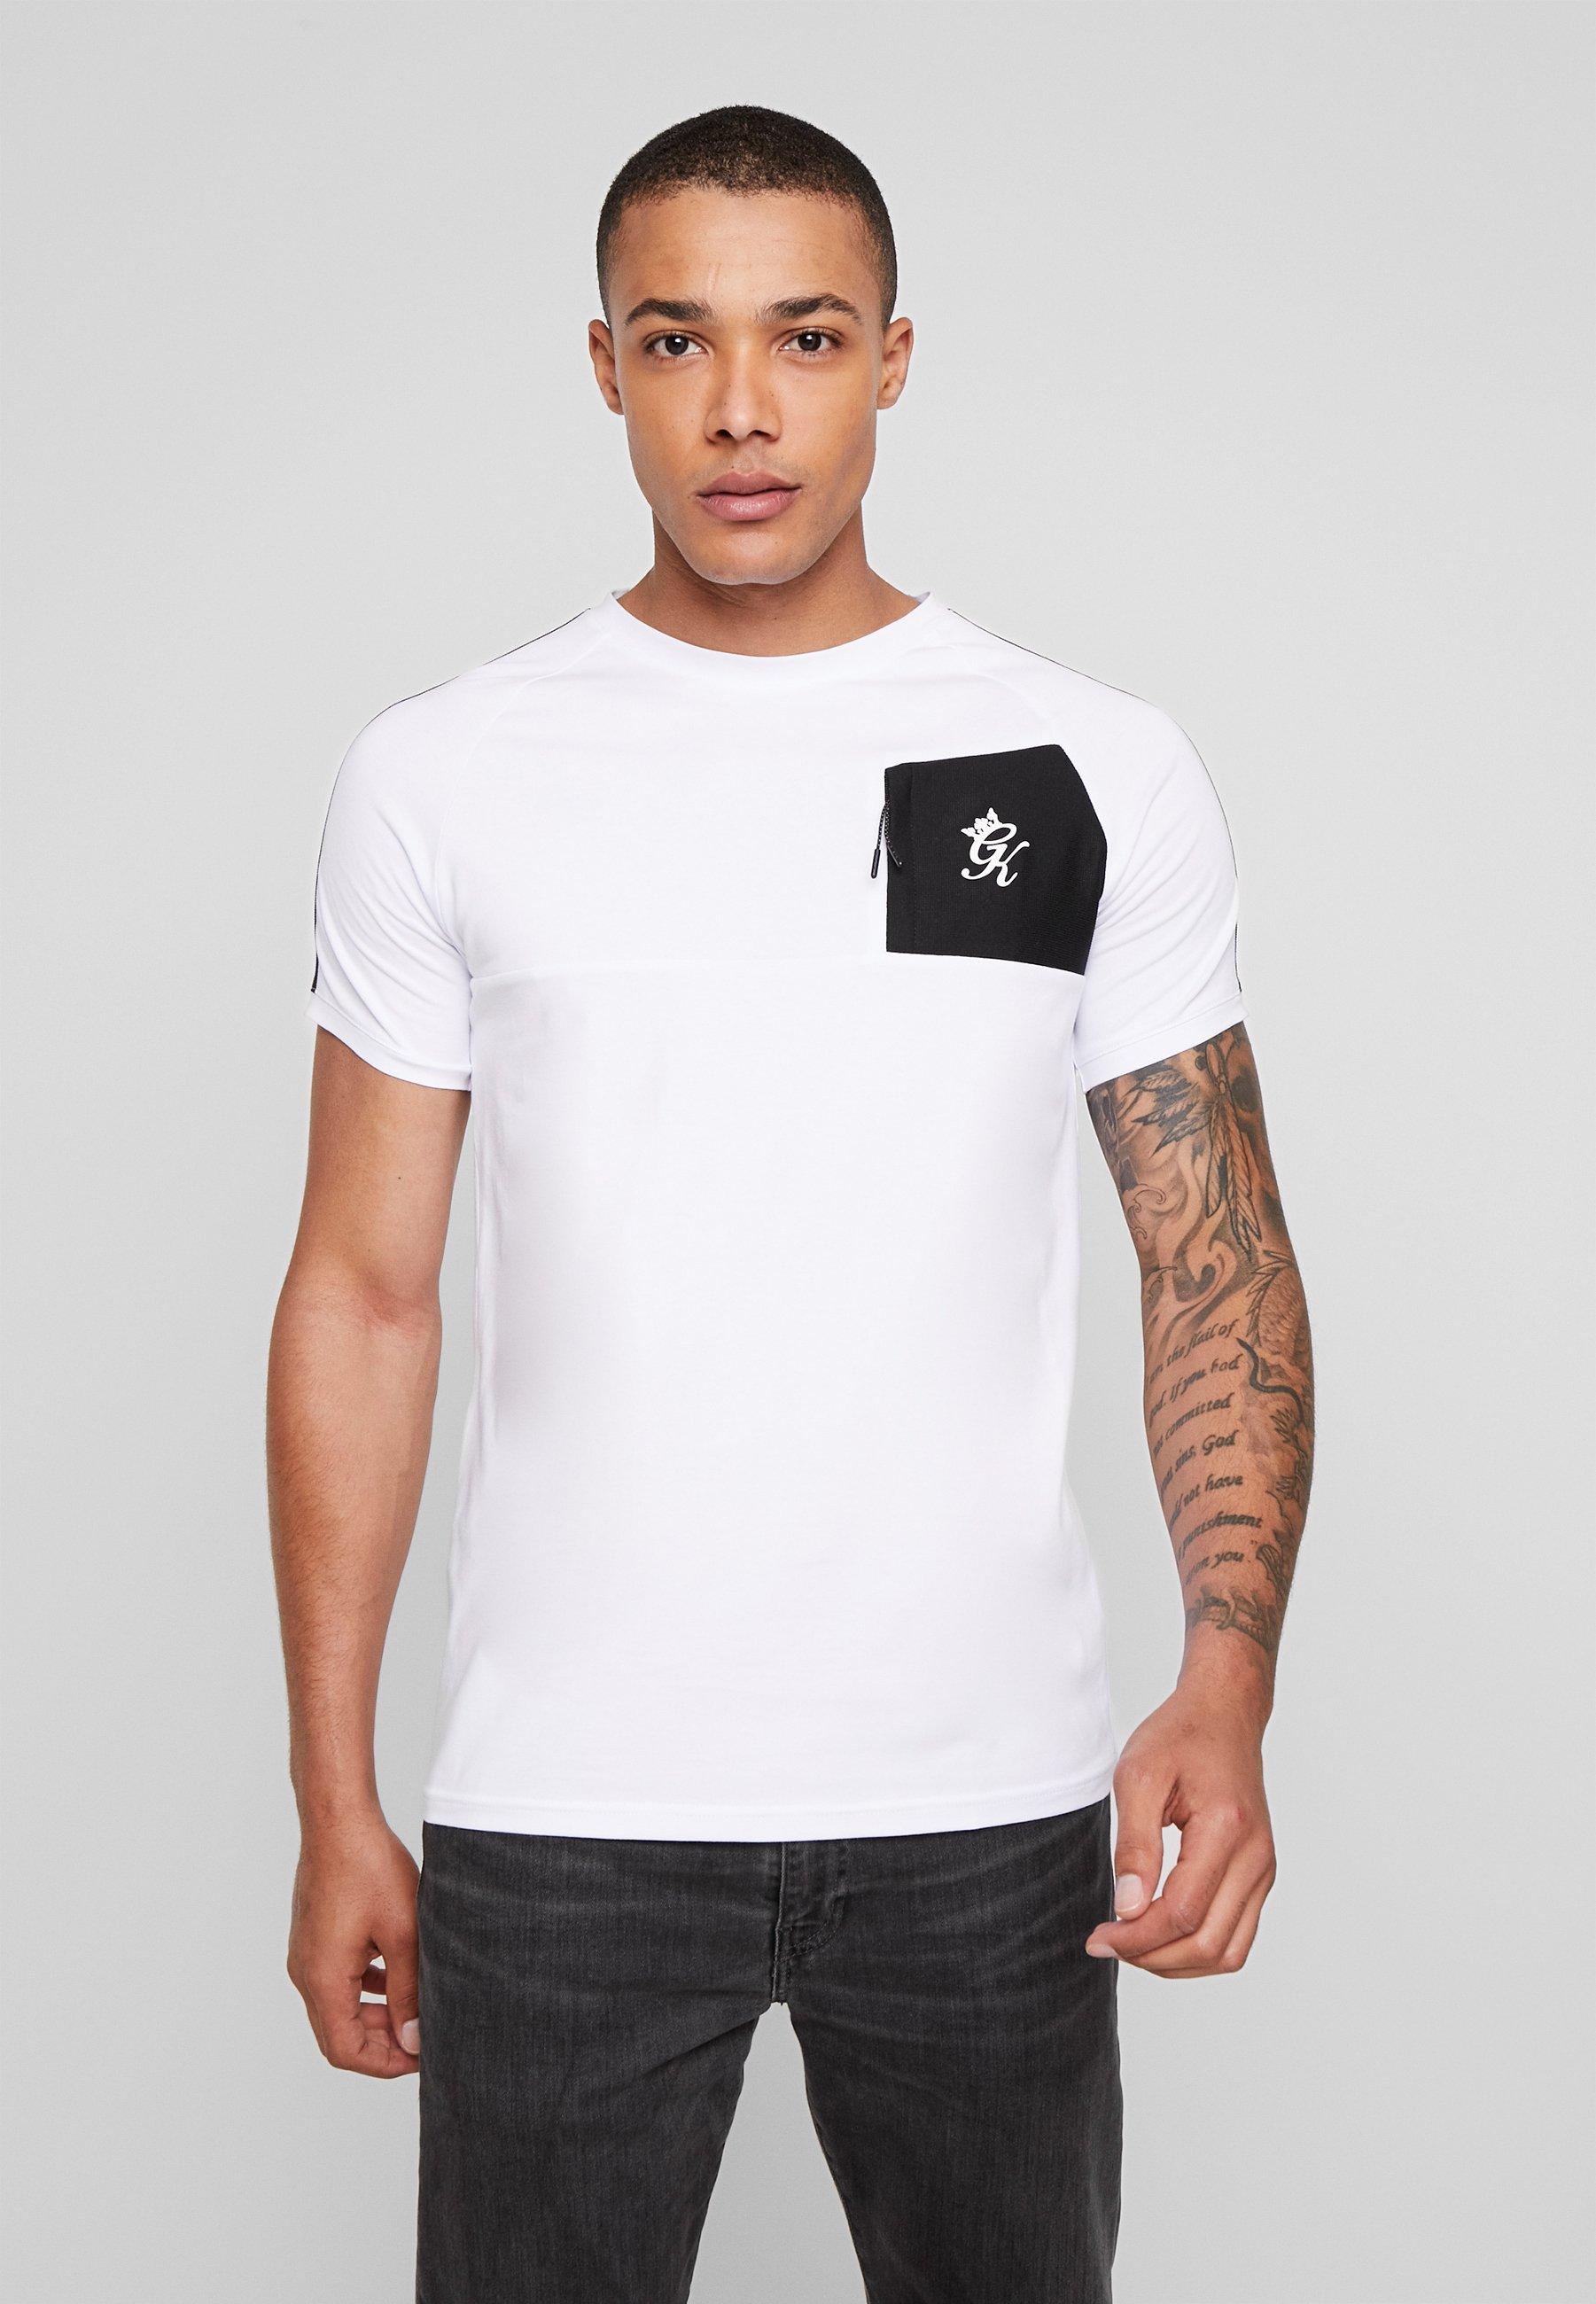 King FosterT Gym Imprimé shirt White 0y8vnwOmN